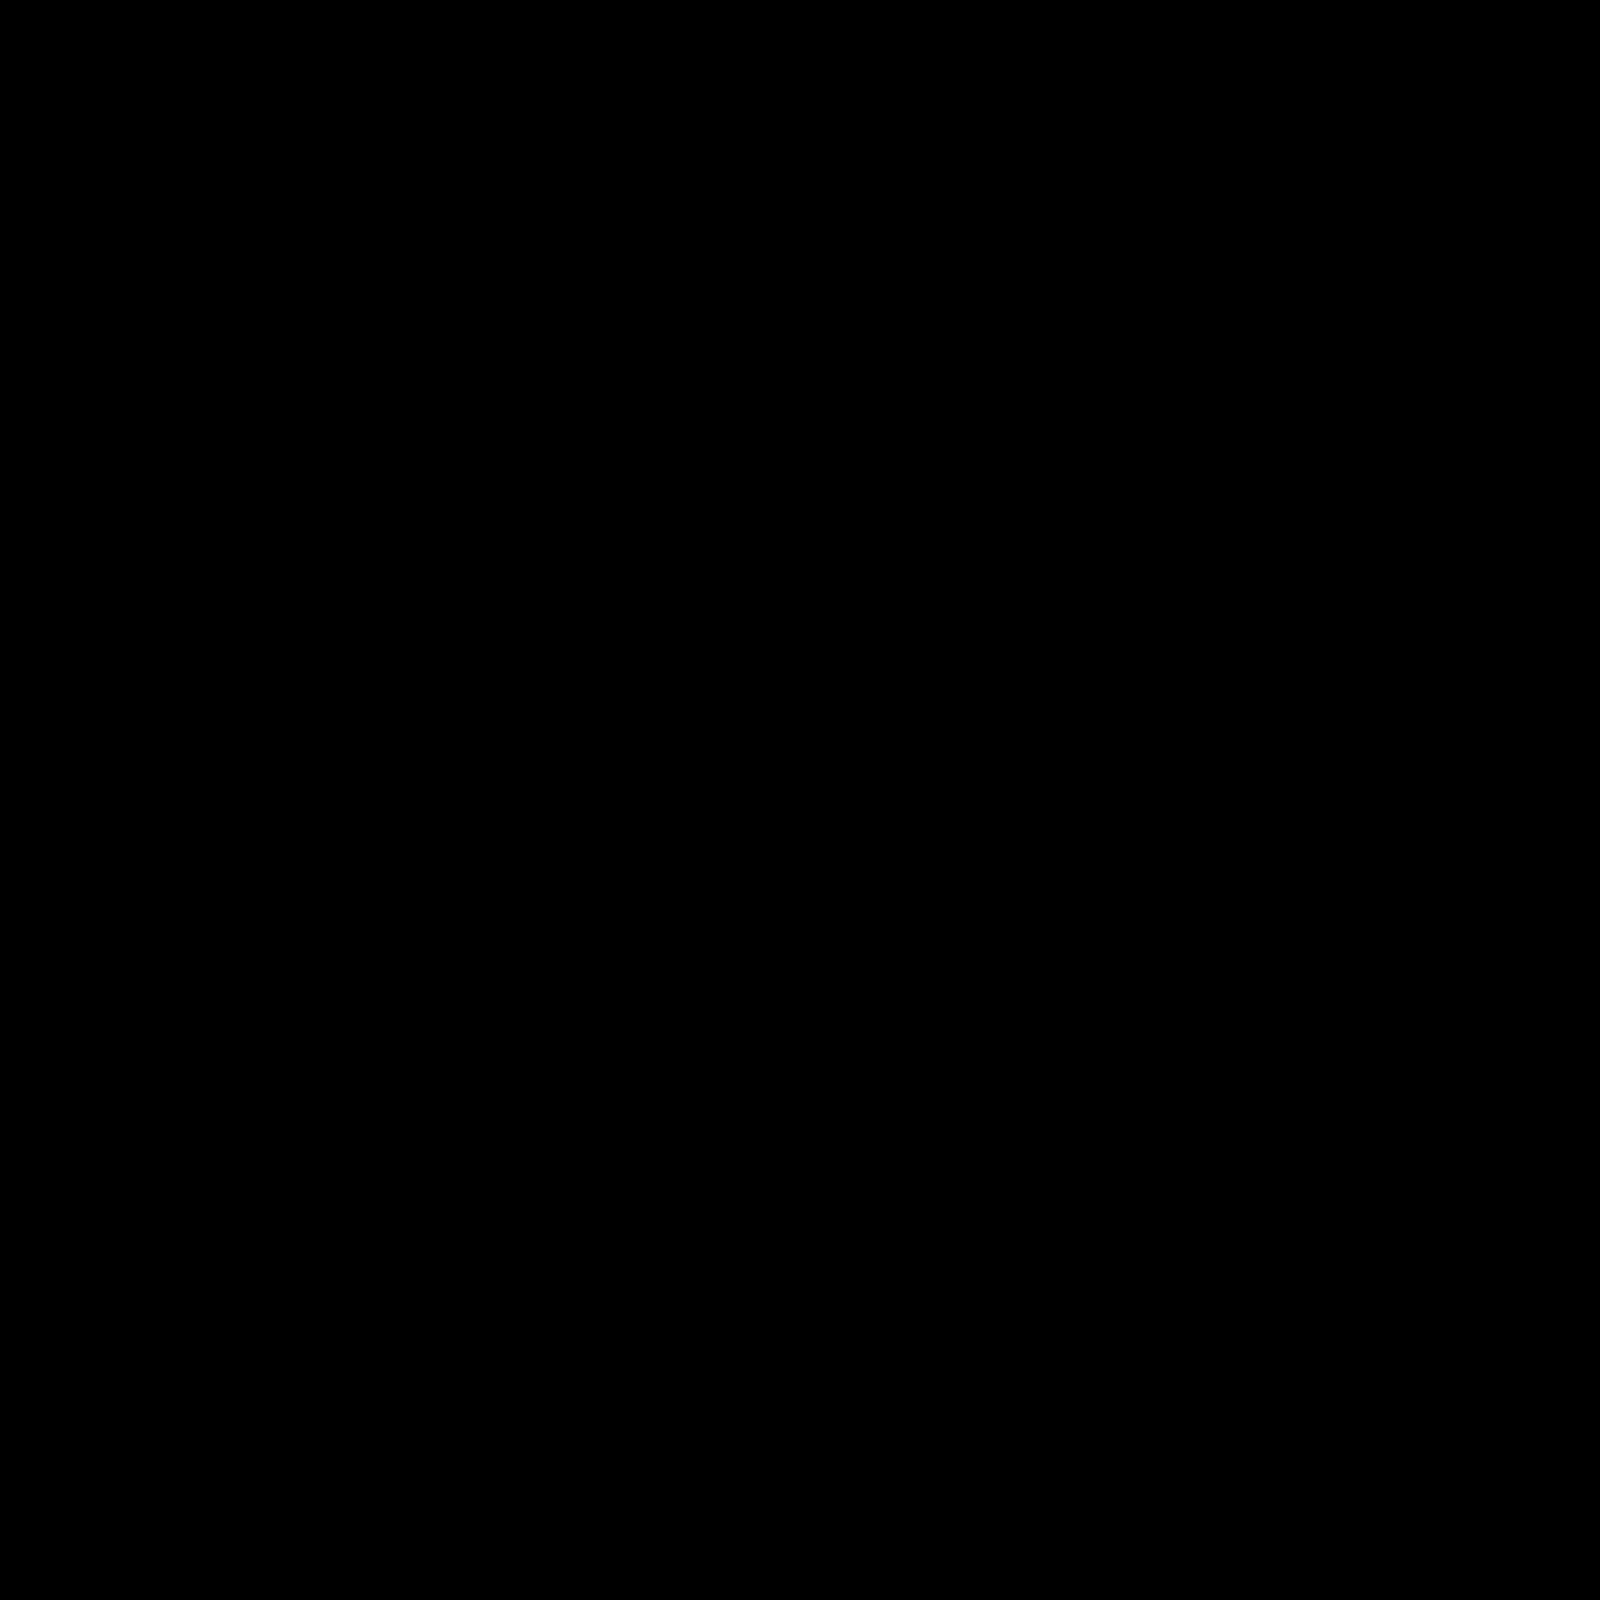 Verbindung: synchronisieren icon